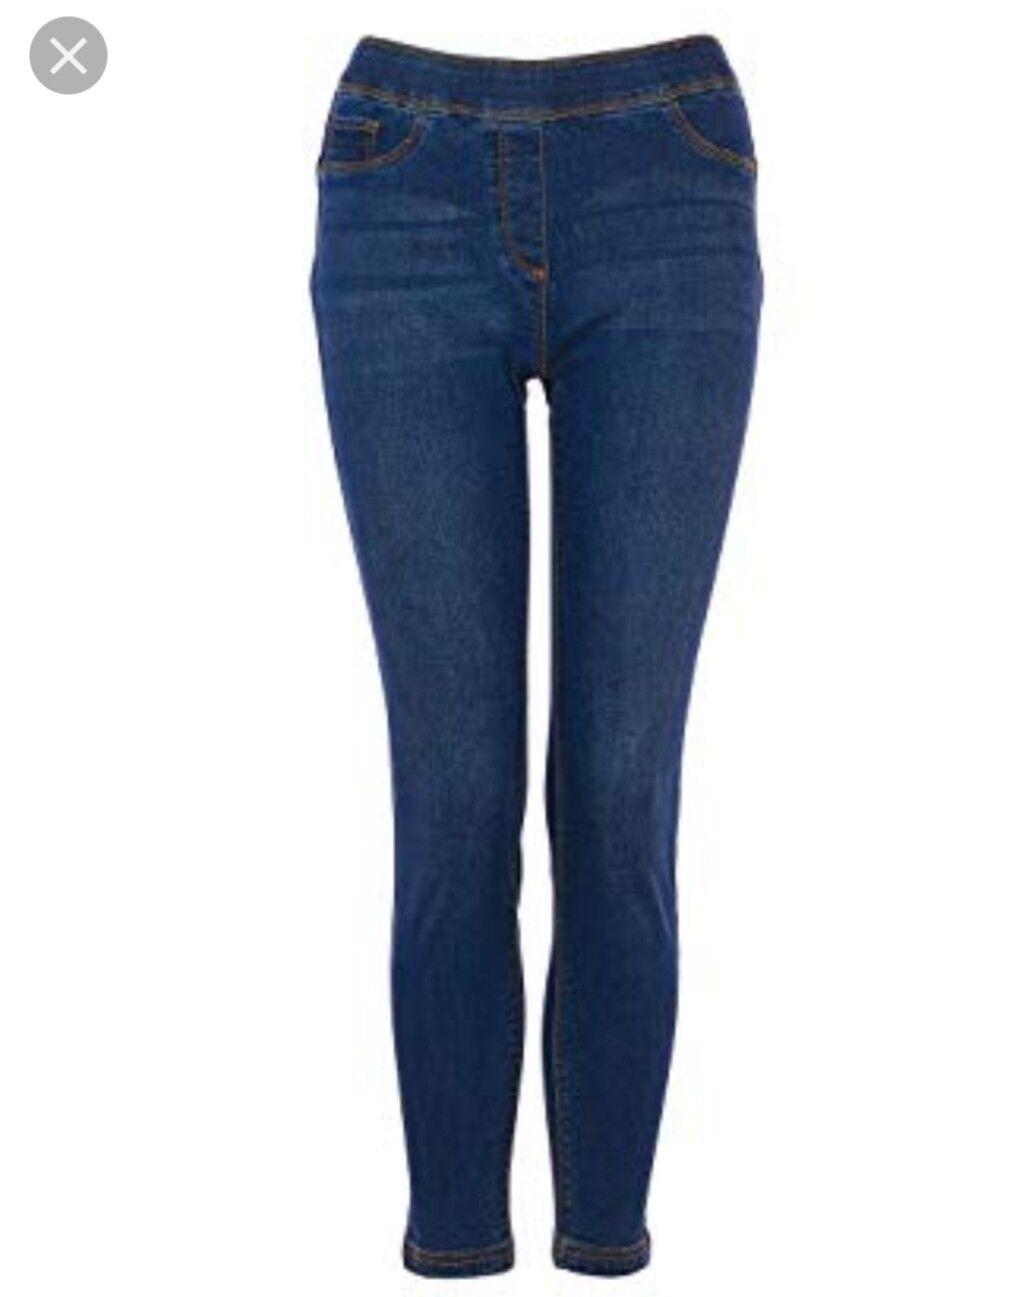 Coco and Carmen OMG Skinny Jeans in Dark Denim